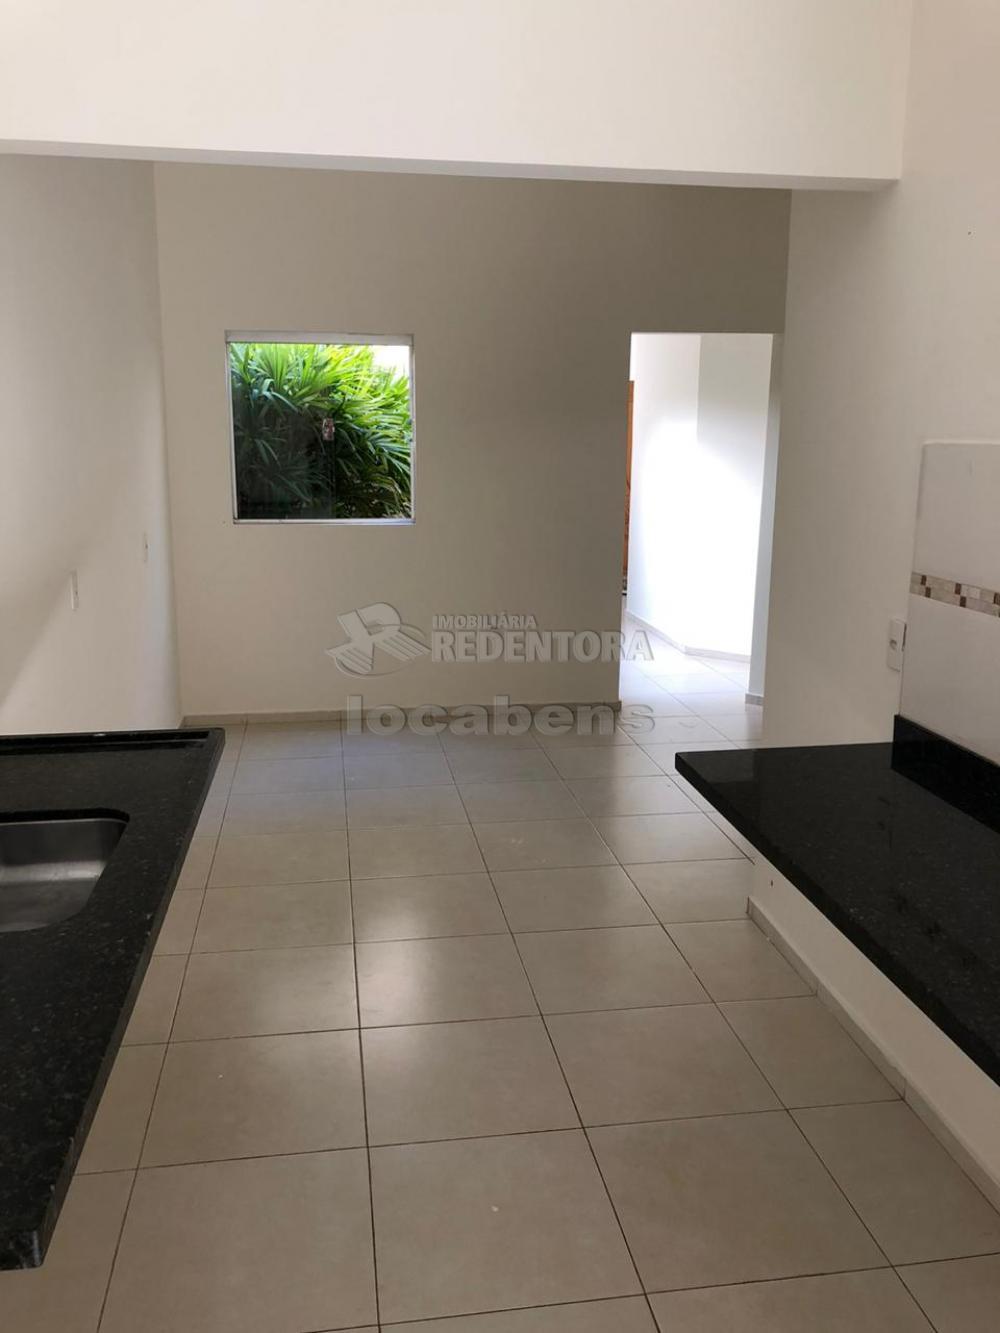 Comprar Casa / Padrão em São José do Rio Preto apenas R$ 300.000,00 - Foto 19